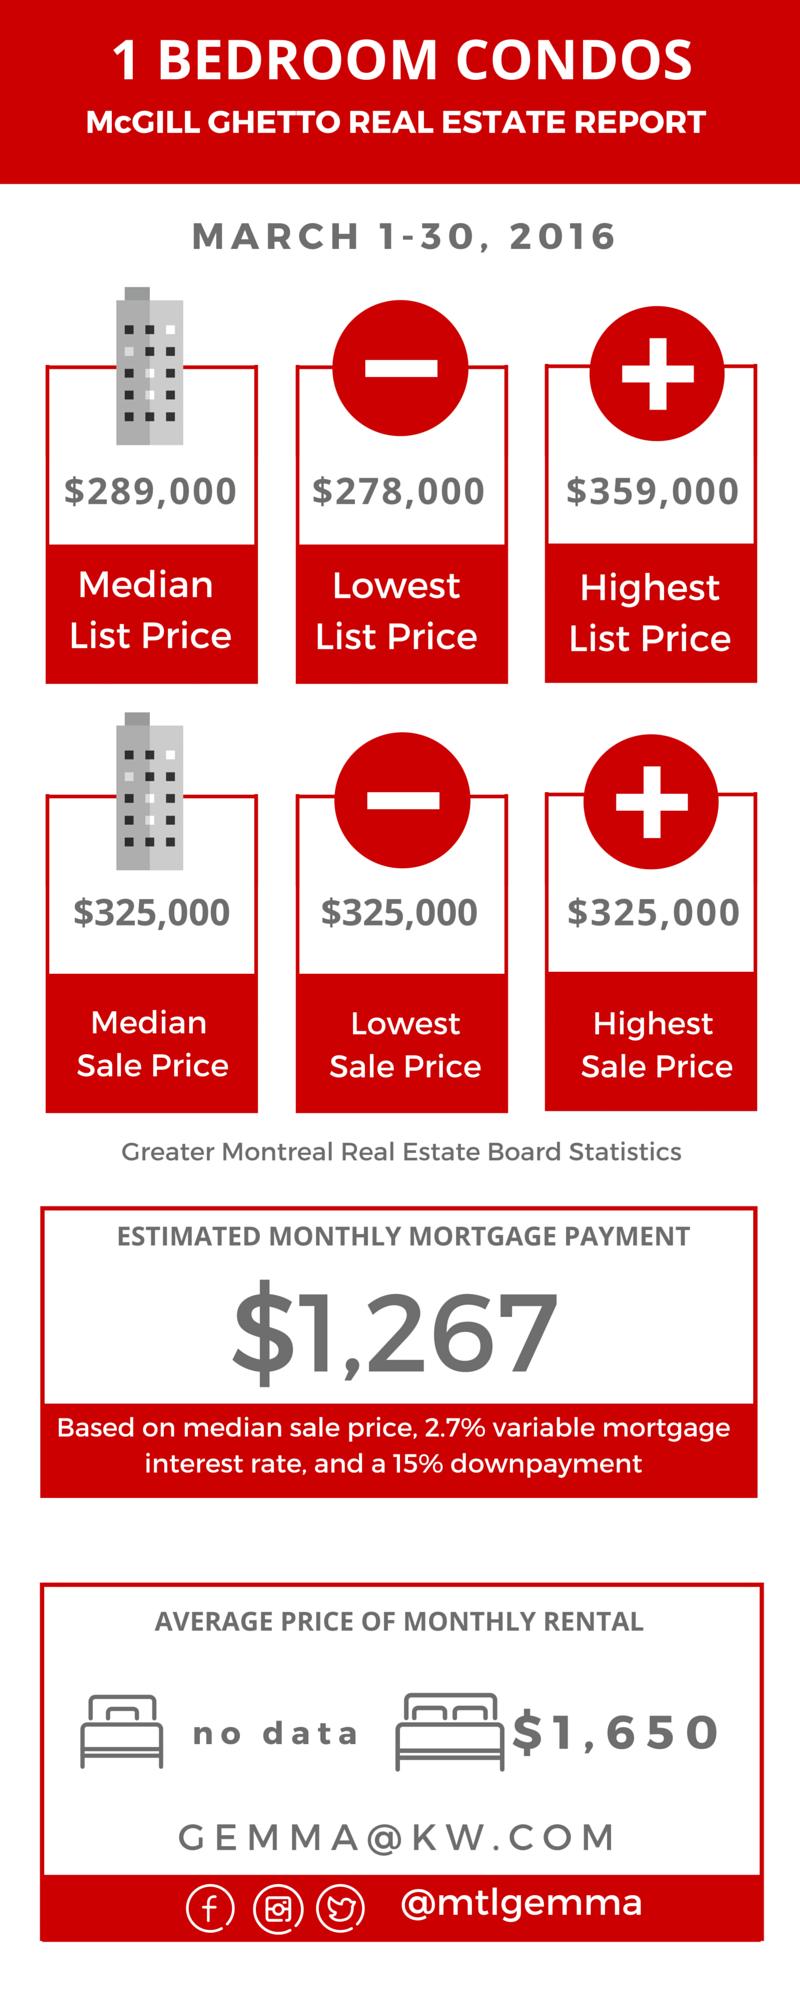 McGill Ghetto Real Estate Report - MARCH 2016 02